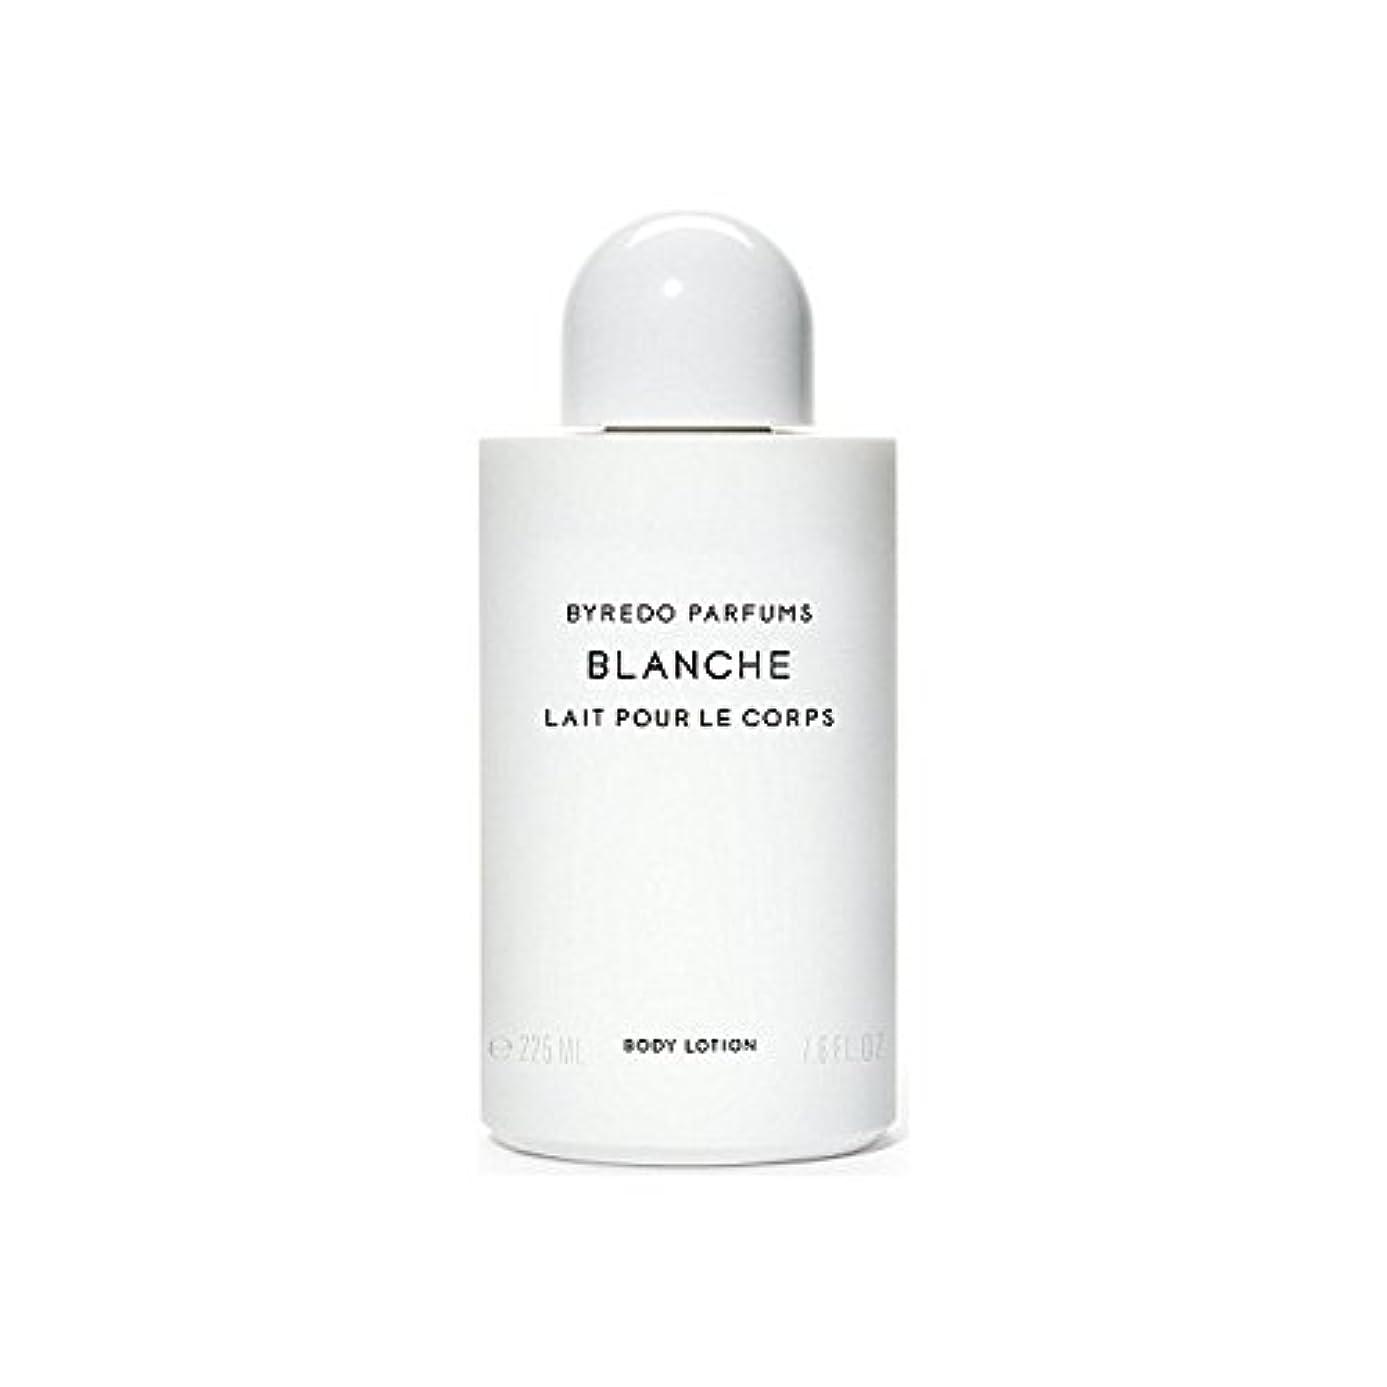 ヘロイン地理曲ブランシュボディローション225ミリリットル x2 - Byredo Blanche Body Lotion 225ml (Pack of 2) [並行輸入品]